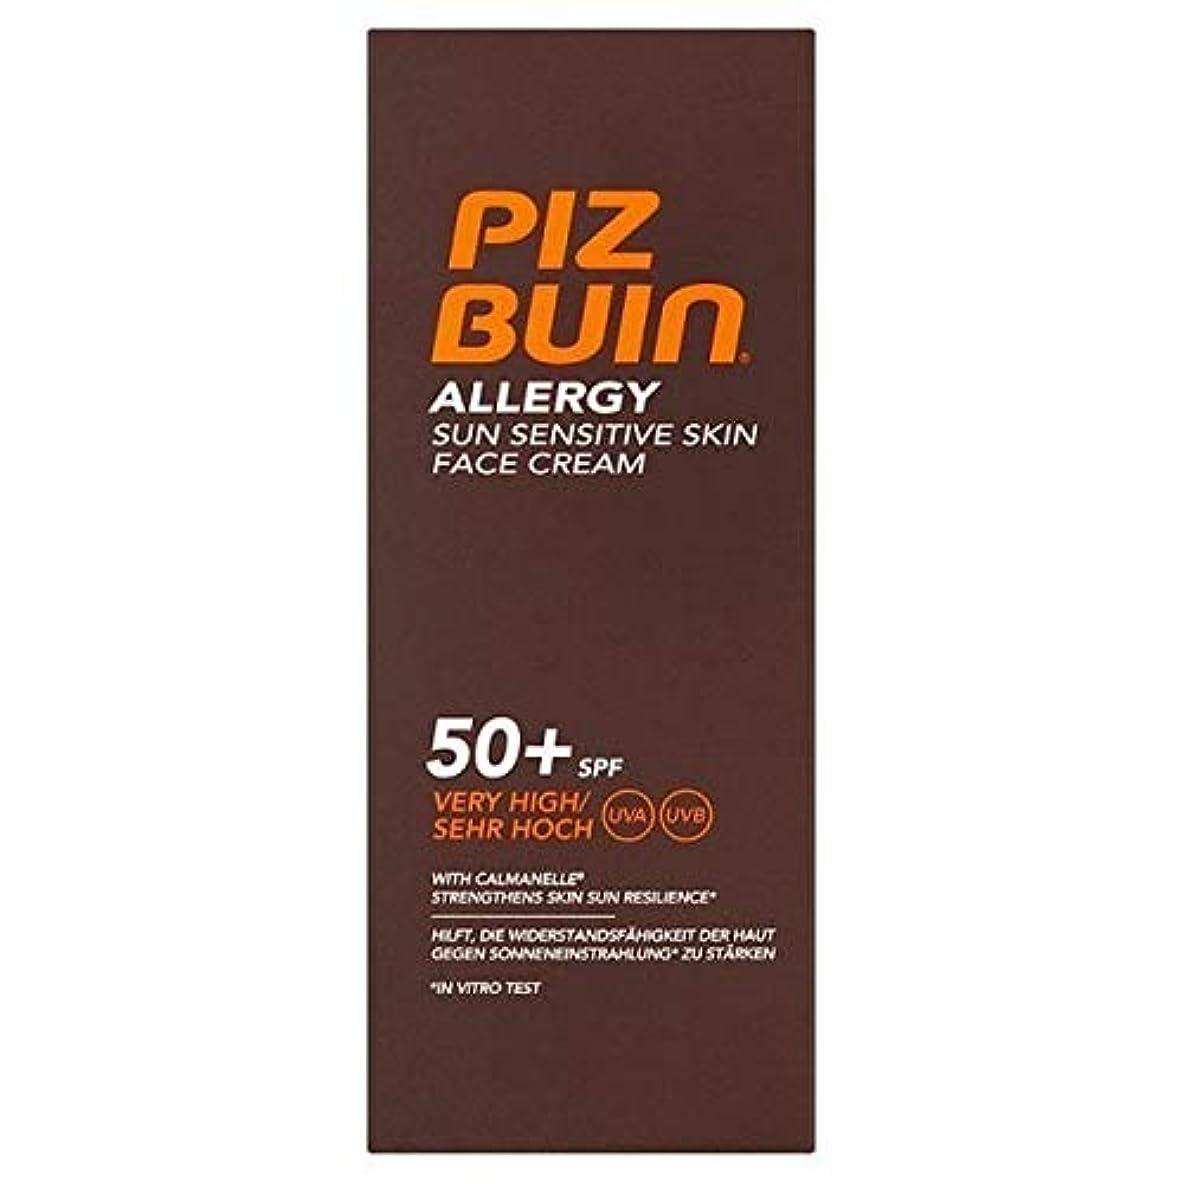 反動アルプス虚偽[Piz Buin] ピッツブーインアレルギーフェースクリームSpf 50+非常に高い40ミリリットル - Piz Buin Allergy Face Cream SPF 50+ Very High 40ml [並行輸入品]